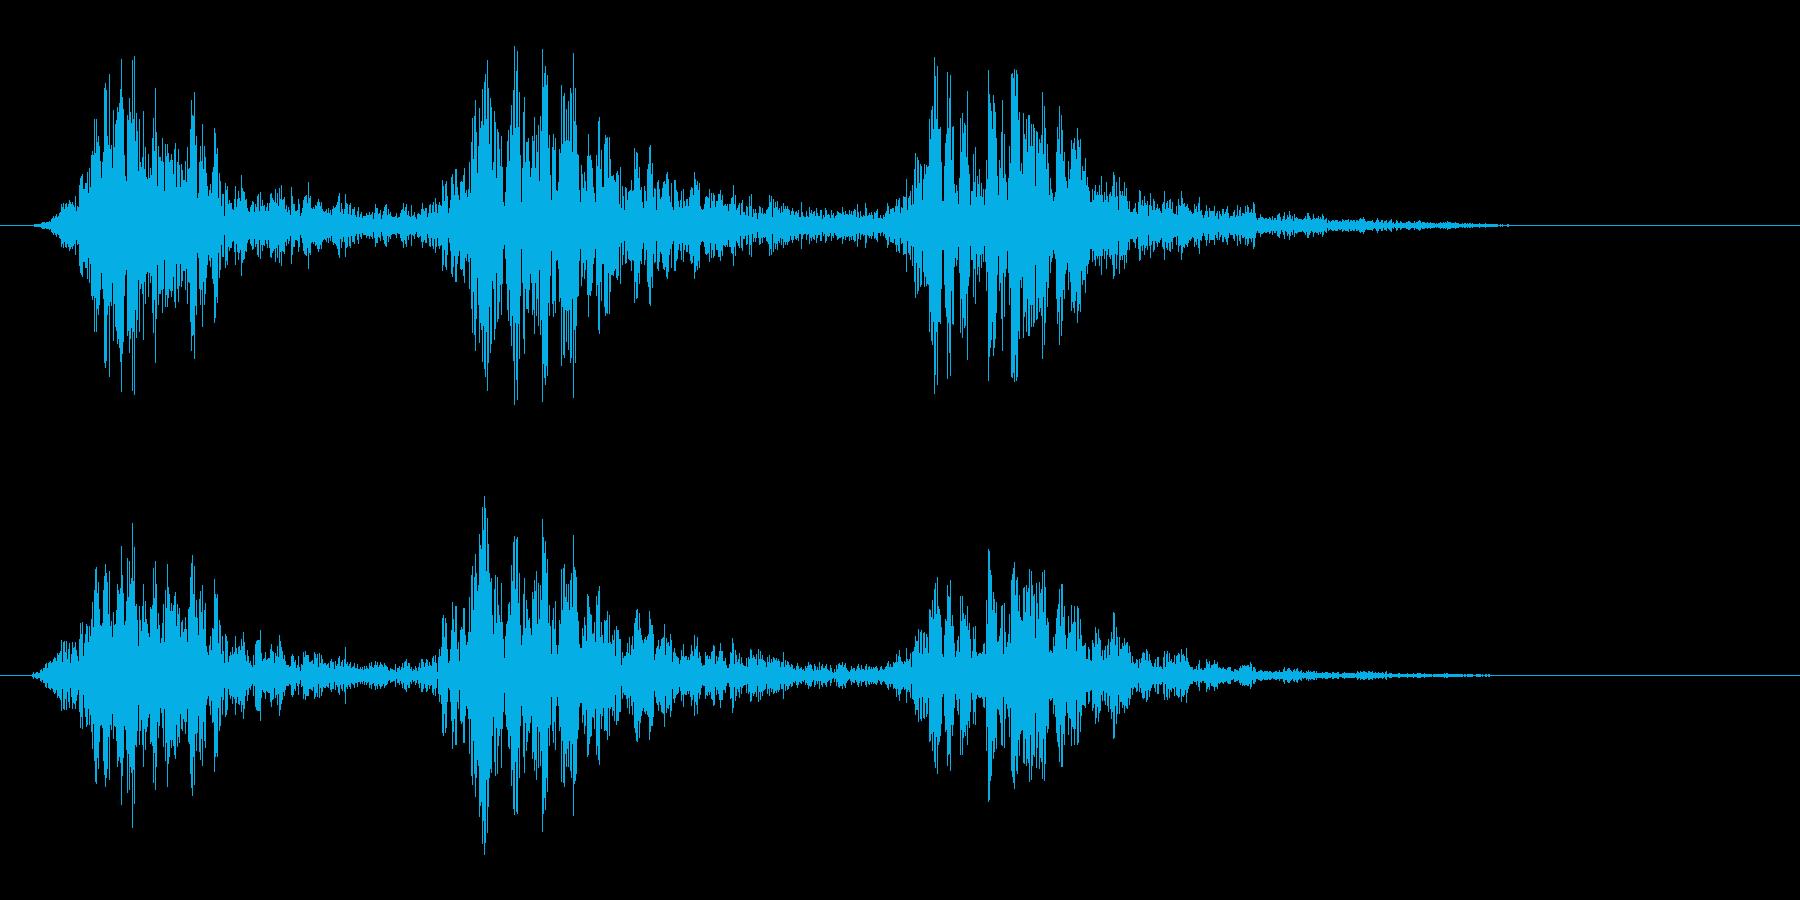 ダタタン(身近なものを叩いたような音)の再生済みの波形